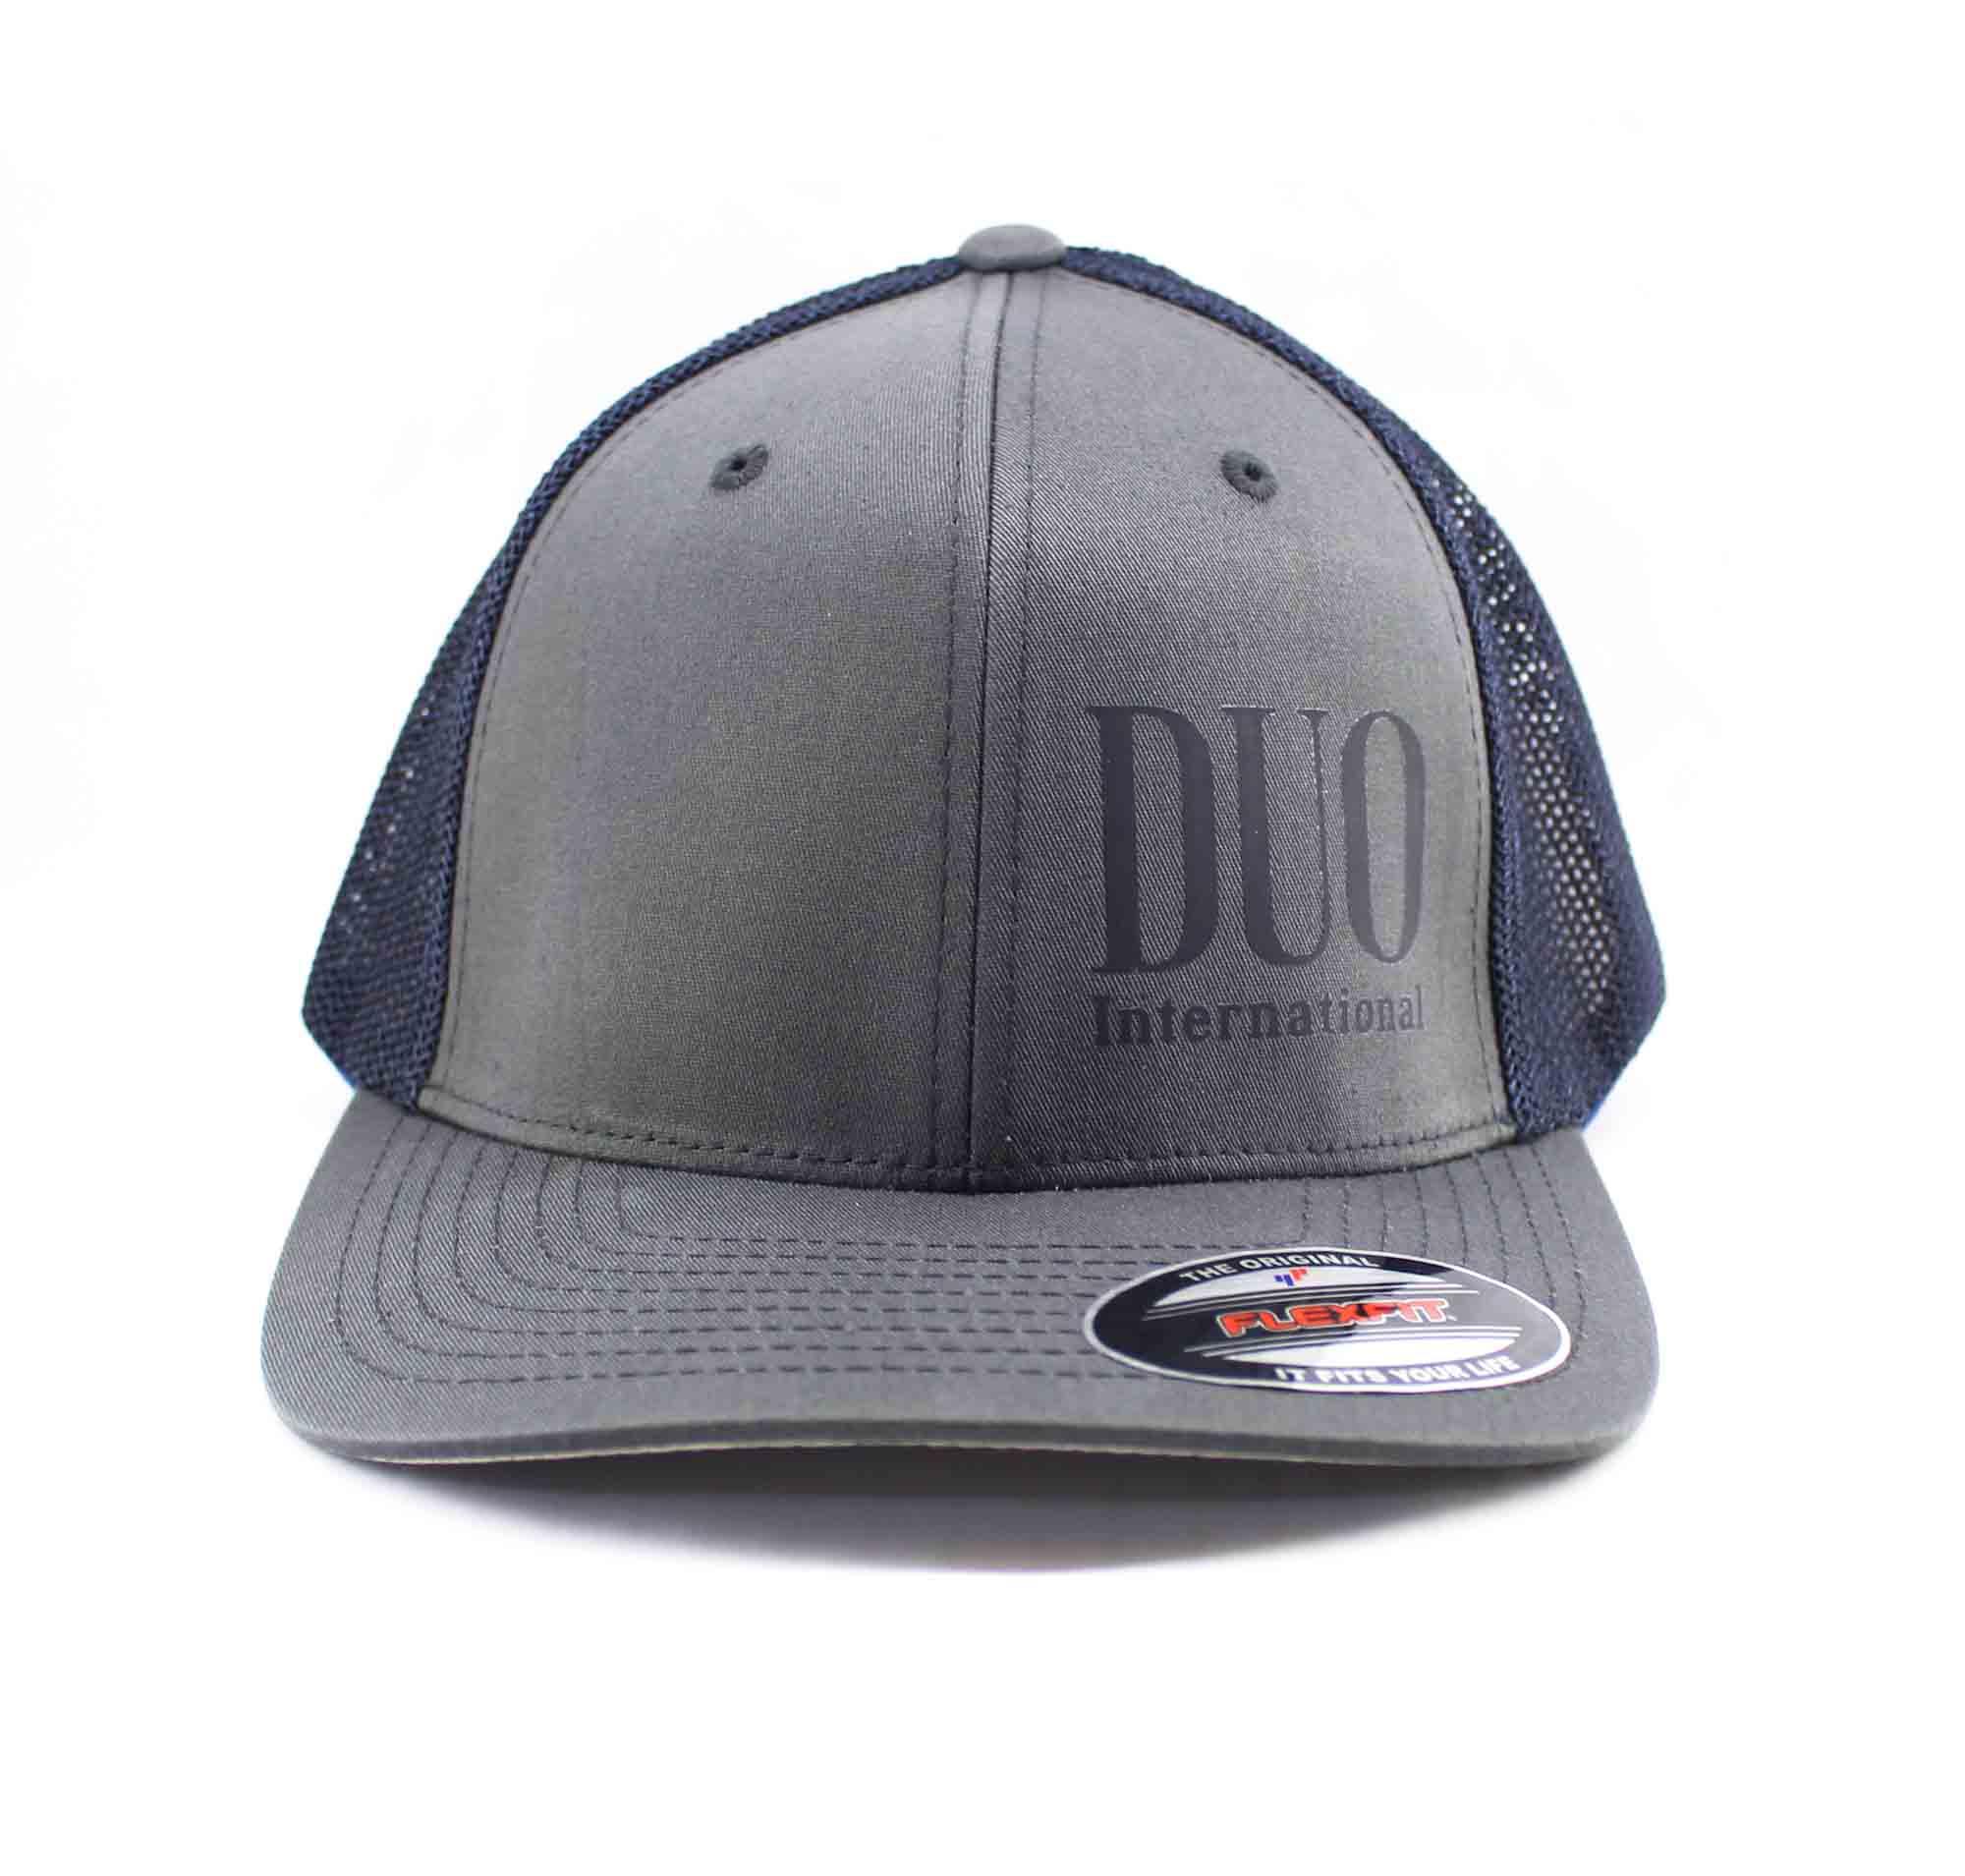 Duo Cap